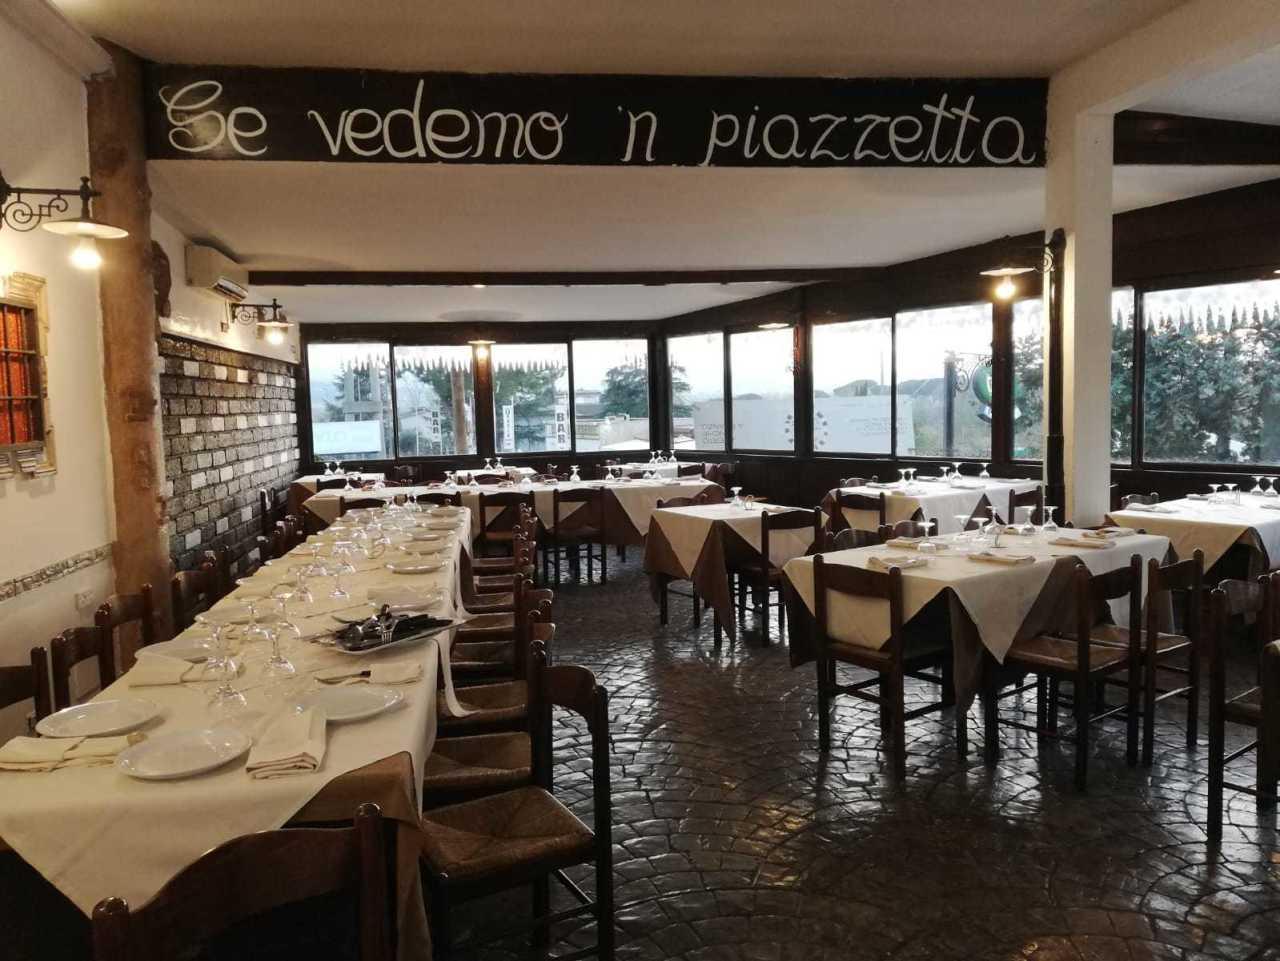 Locale commerciale - Oltre 3 vetrine a valle martella , Zagarolo Rif. 8884201